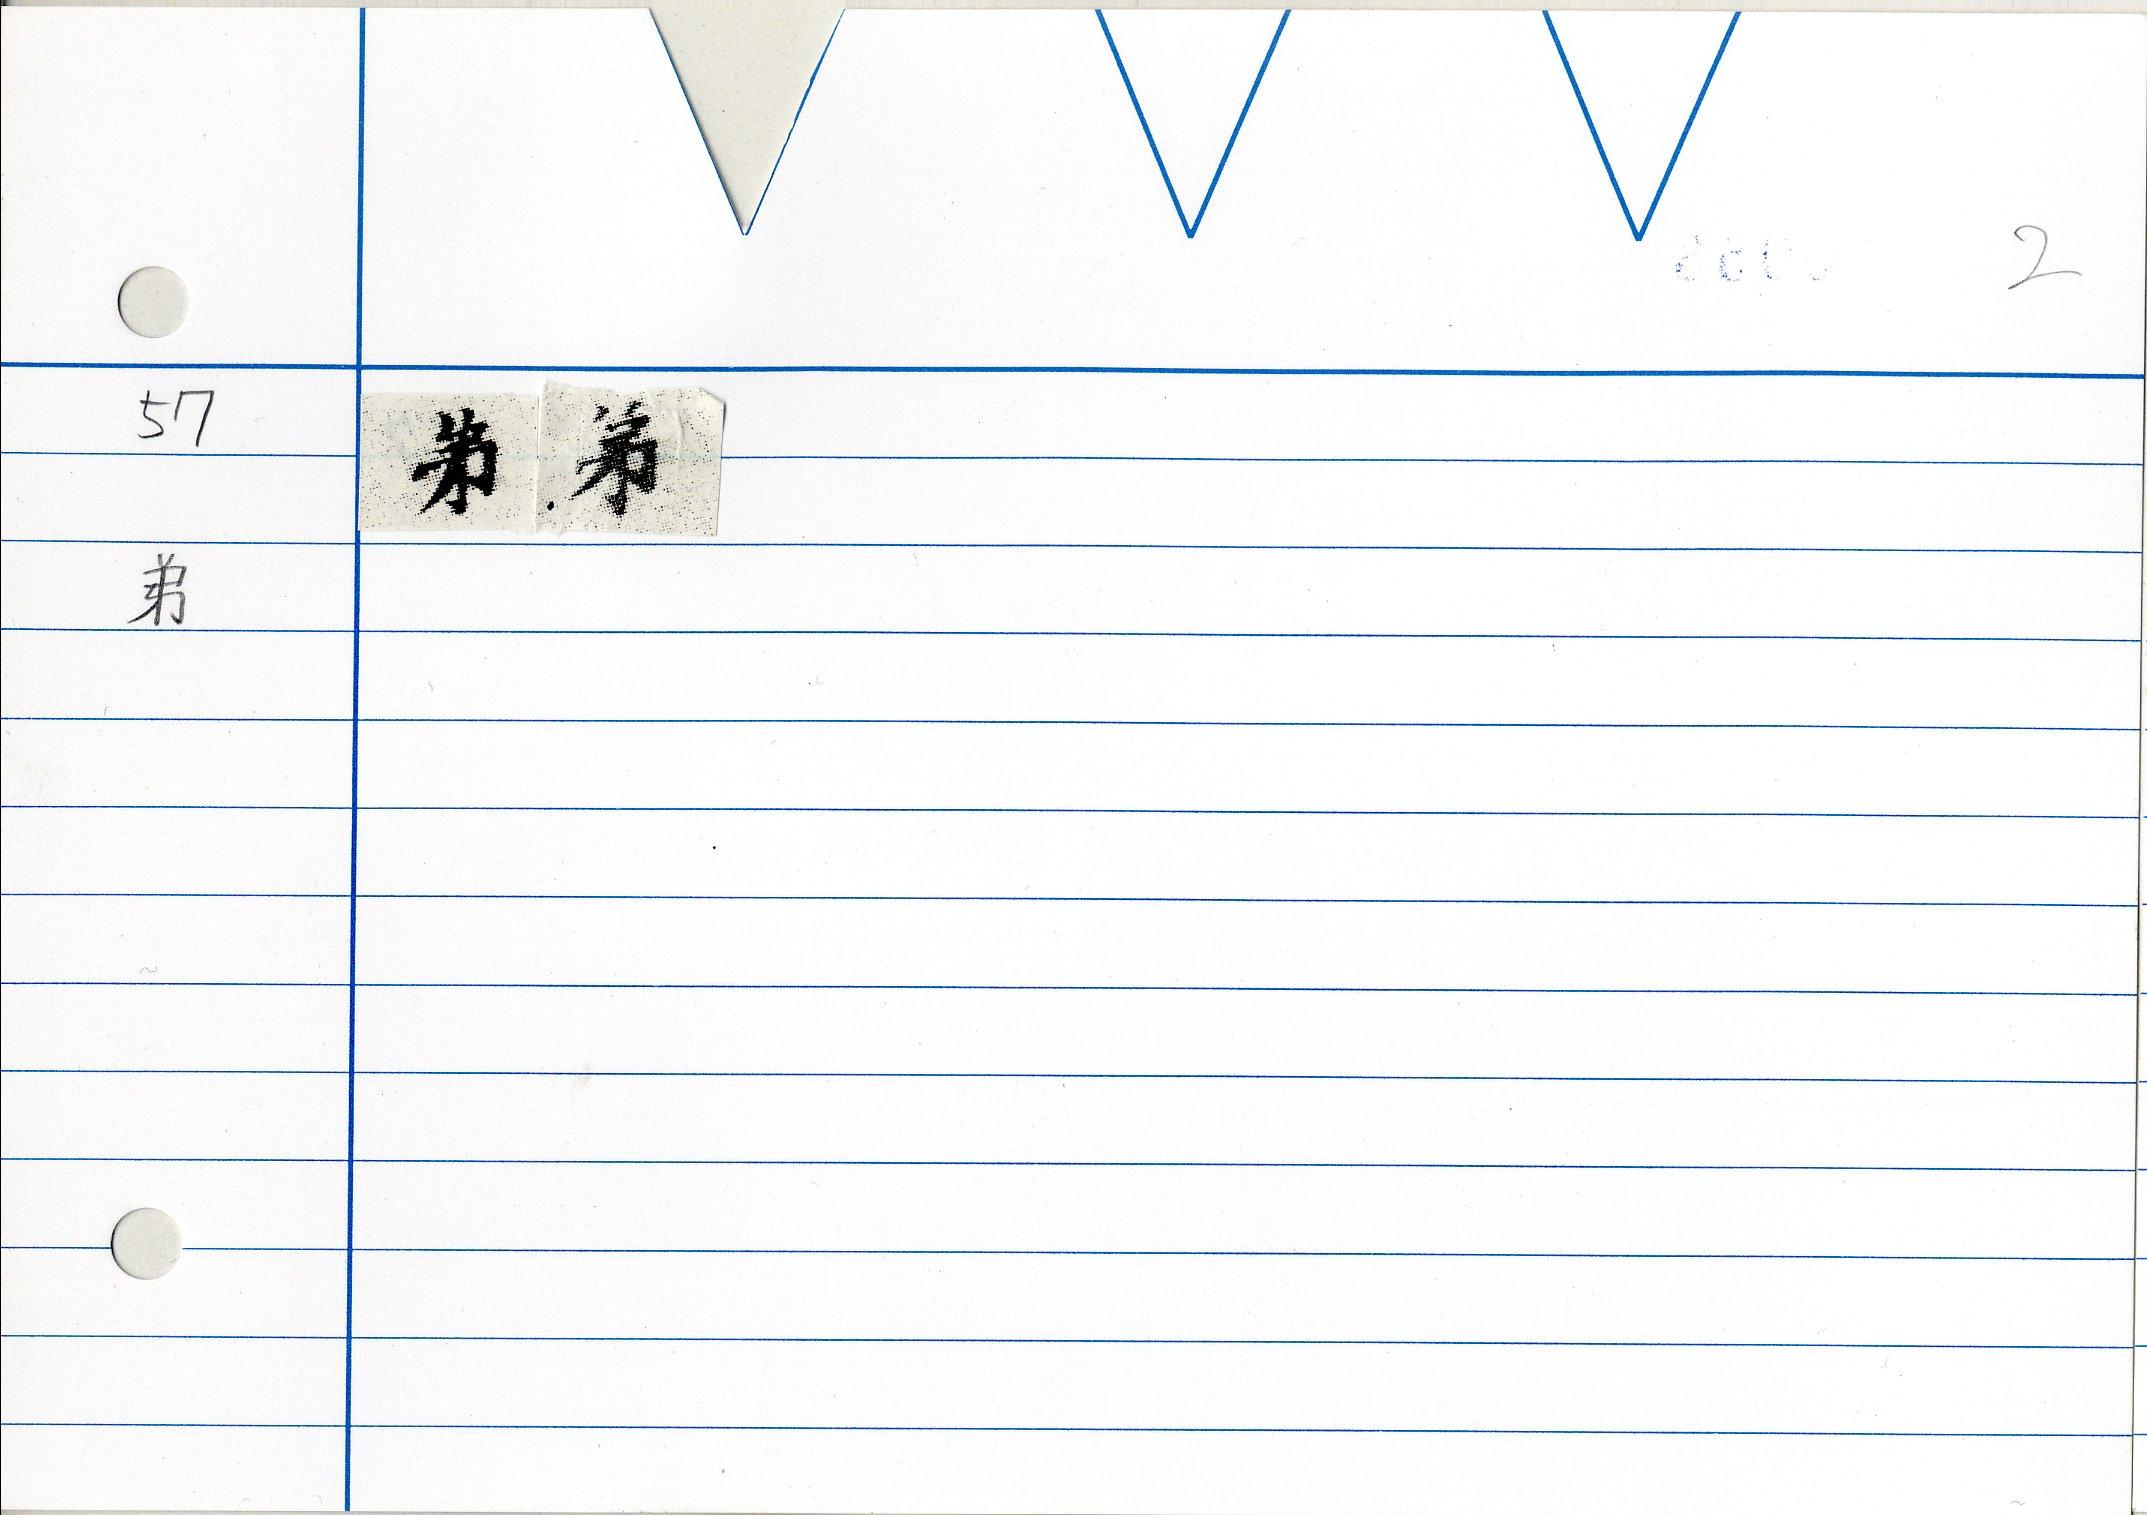 01_誠實論卷八(P.2179)/cards/0059.jpg